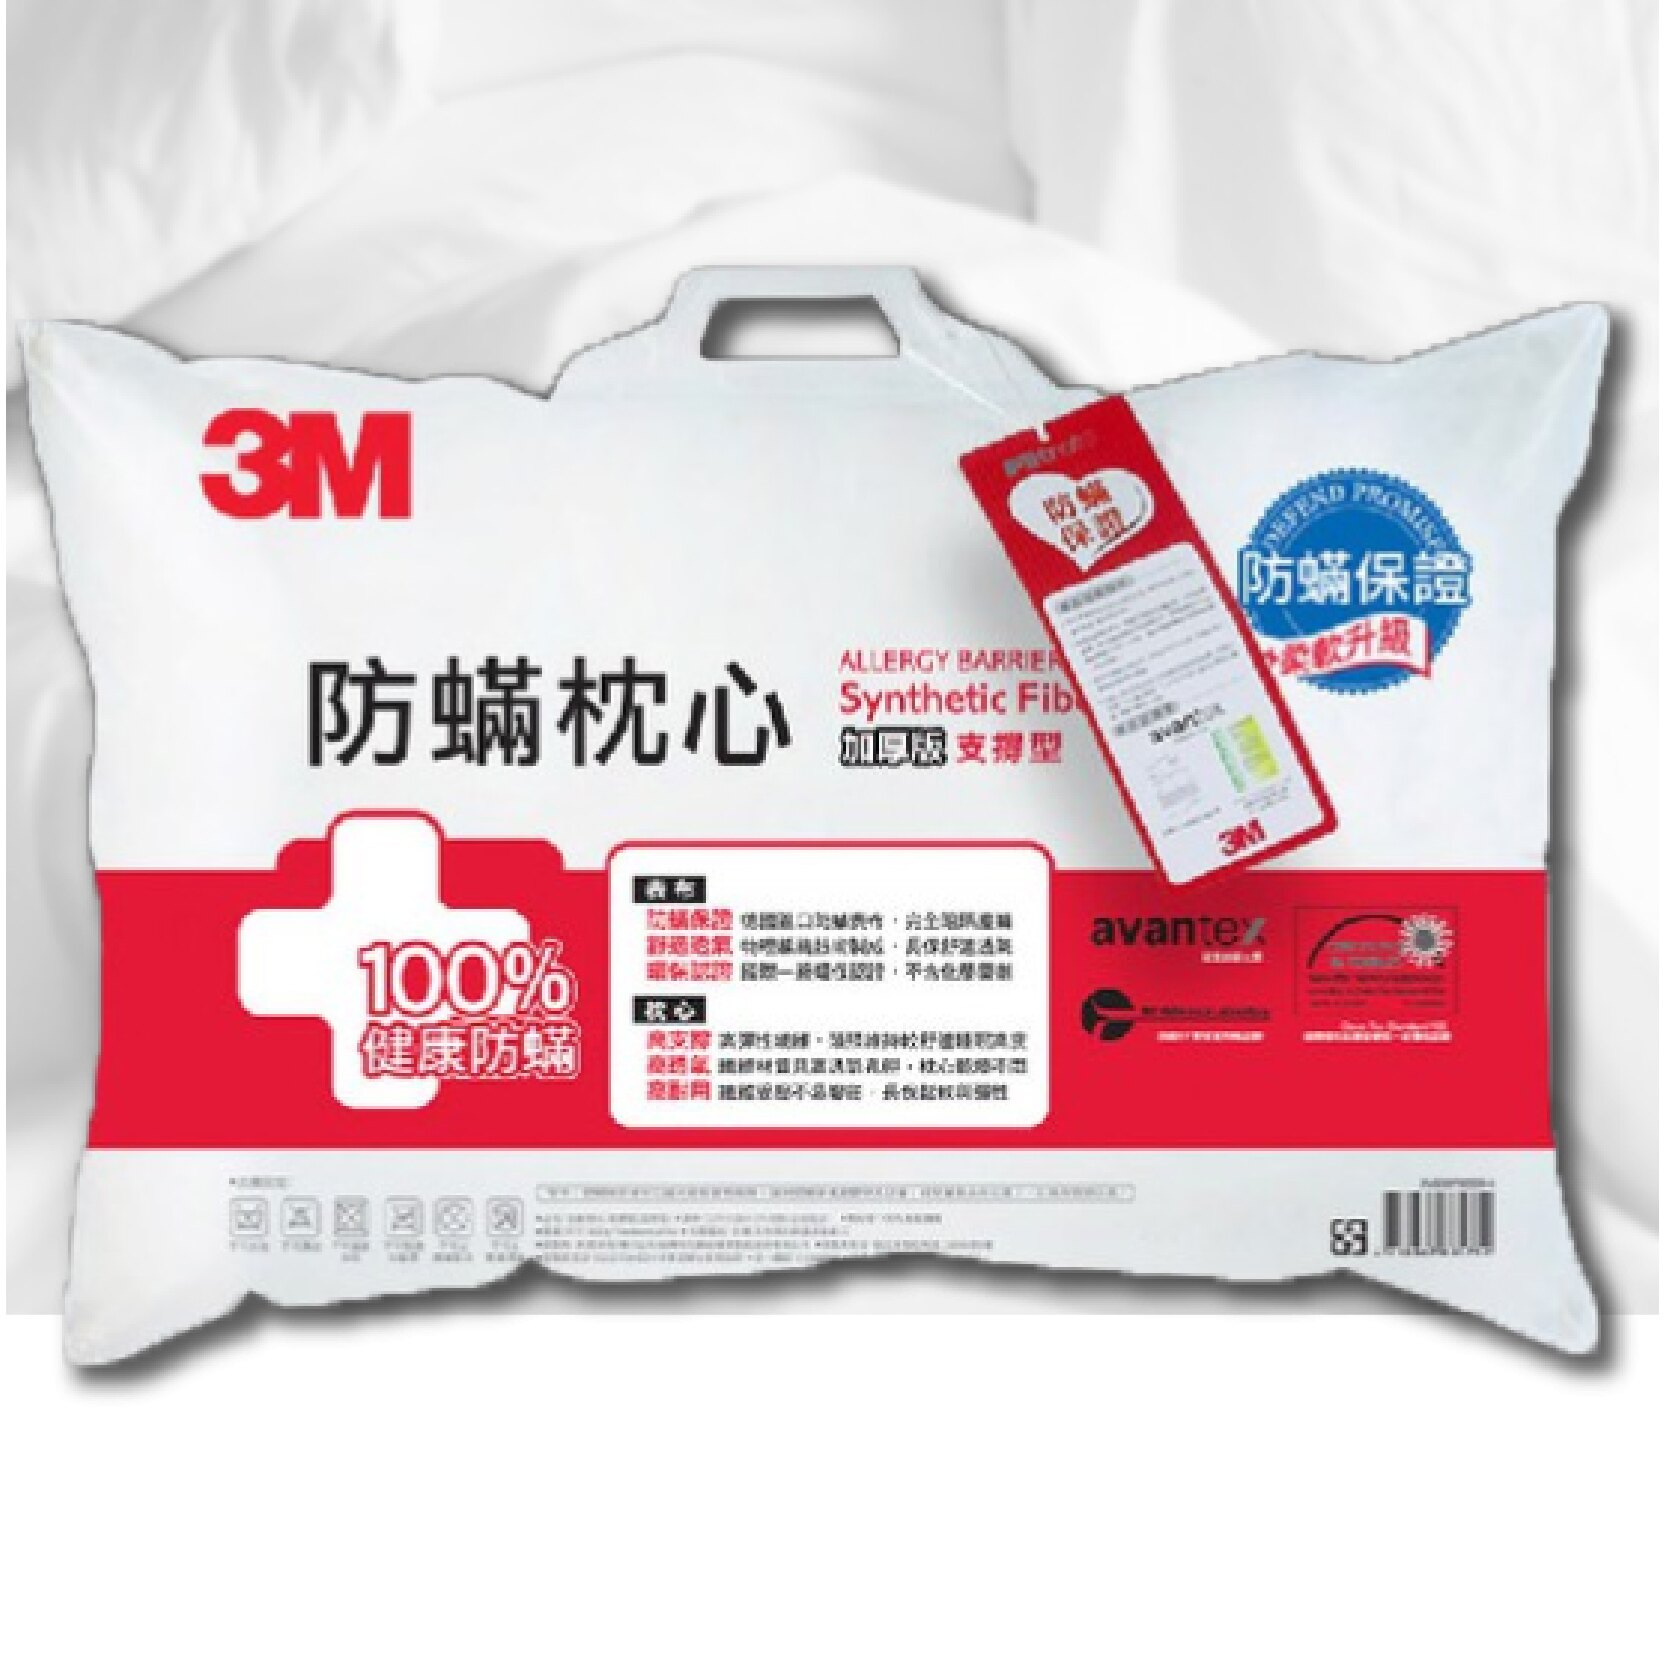 西瓜籽【3M優質寢具】AP-CT302 Filtrete 防蹣枕心-支撐型(加厚版)